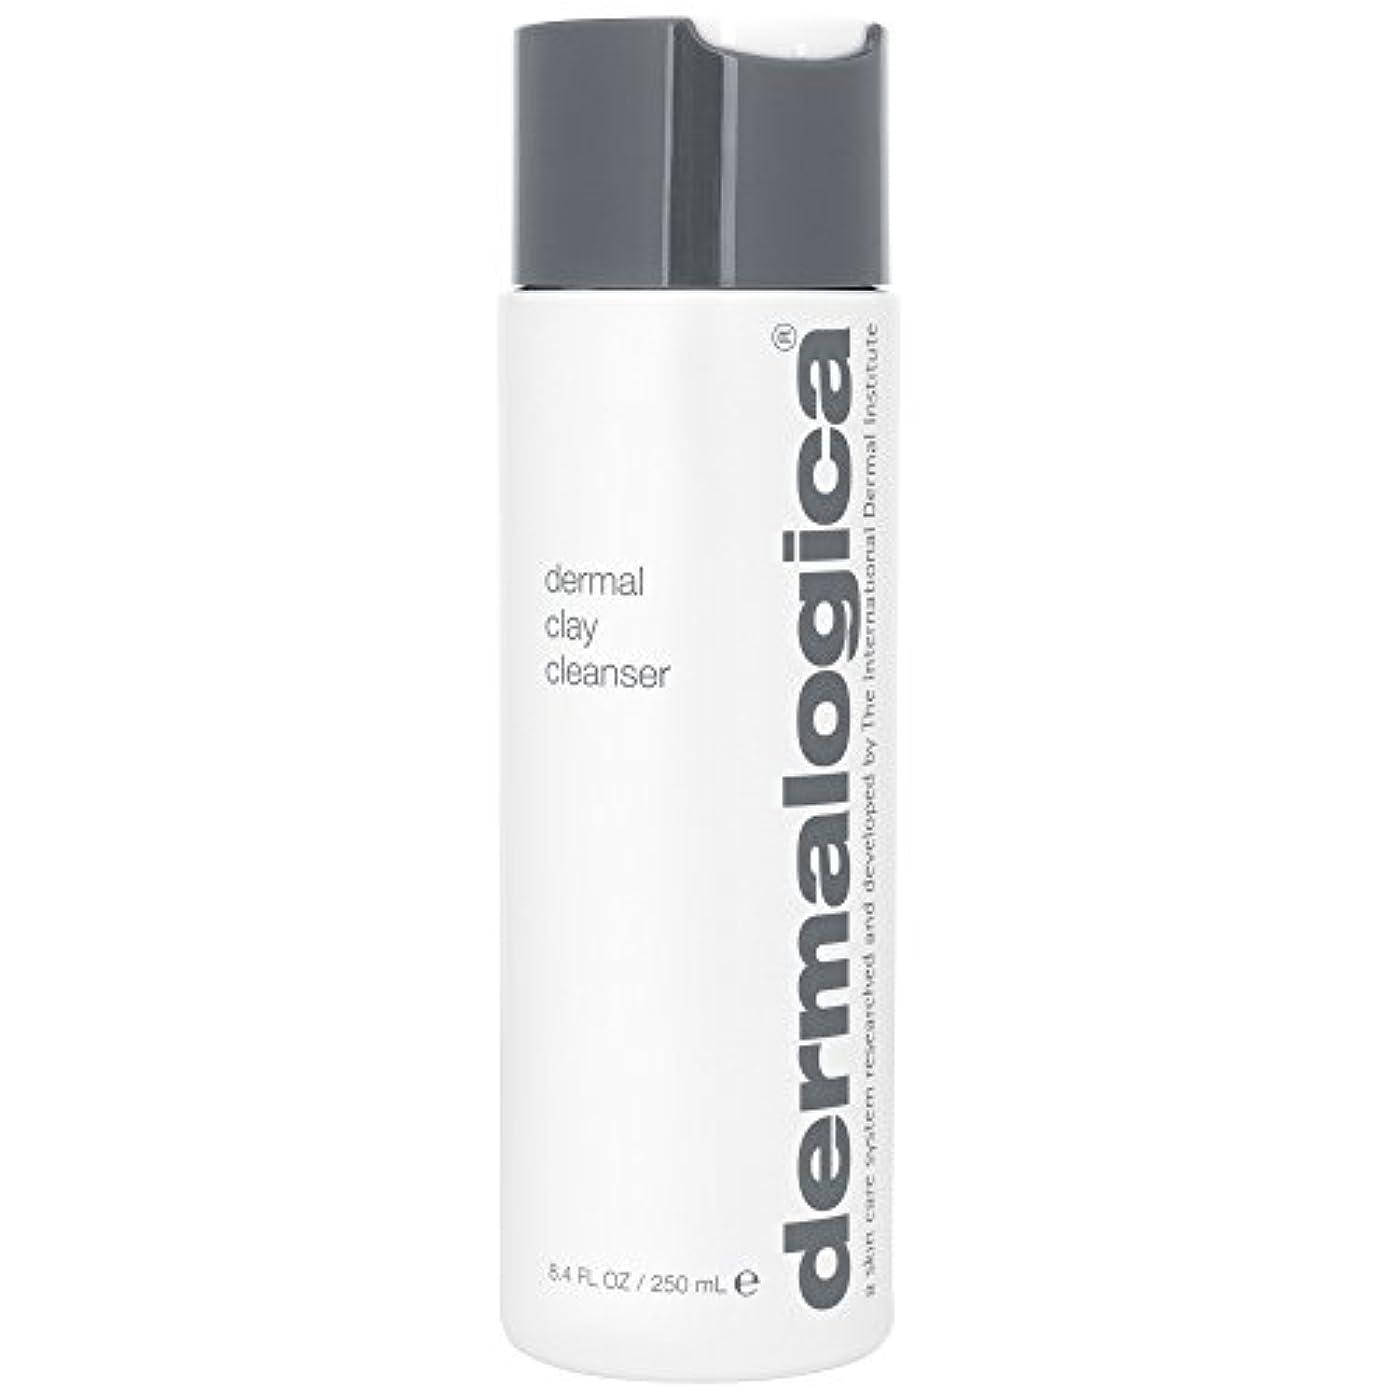 メガロポリスプラットフォーム内向きダーマロジカ真皮クレイクレンザー250ミリリットル (Dermalogica) (x6) - Dermalogica Dermal Clay Cleanser 250ml (Pack of 6) [並行輸入品]